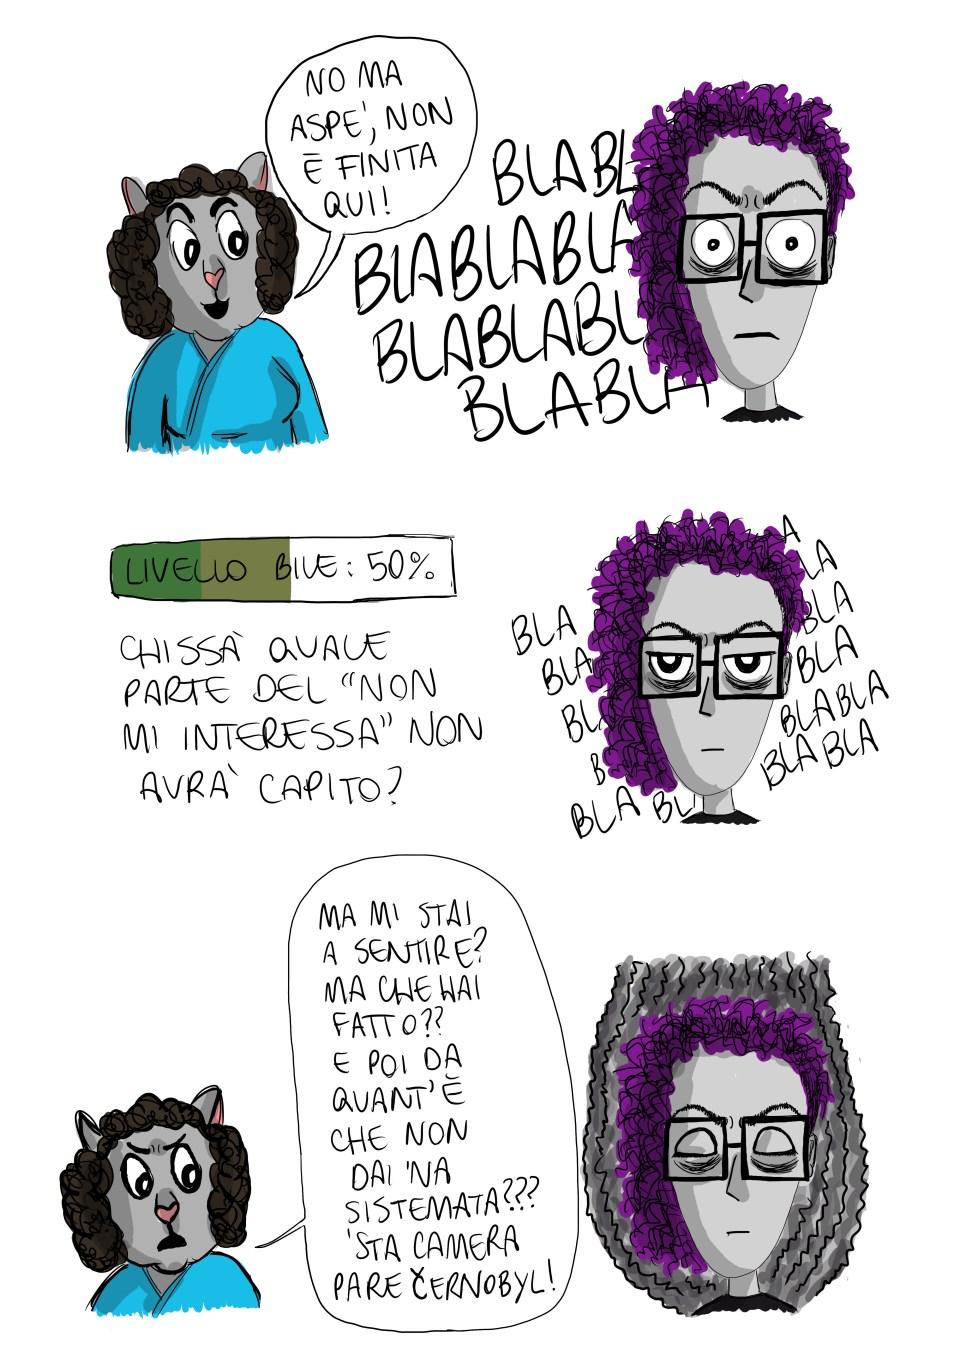 blablabla4.jpg